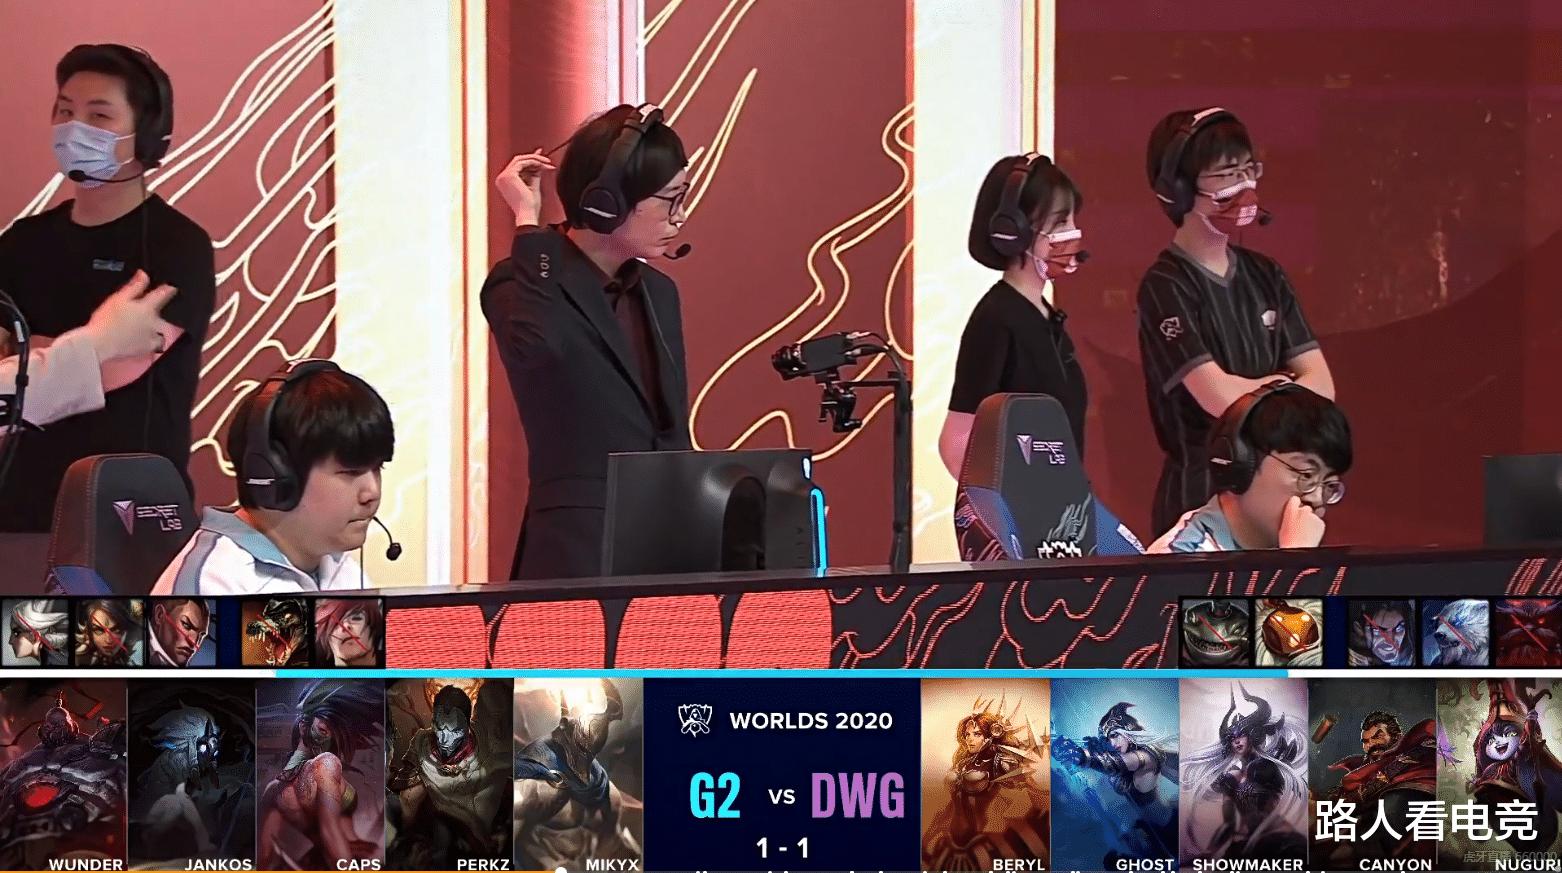 """吉隆坡major_G2辅助把潘森玩成了""""敢死队"""",DWG再胜G2拿下赛点"""